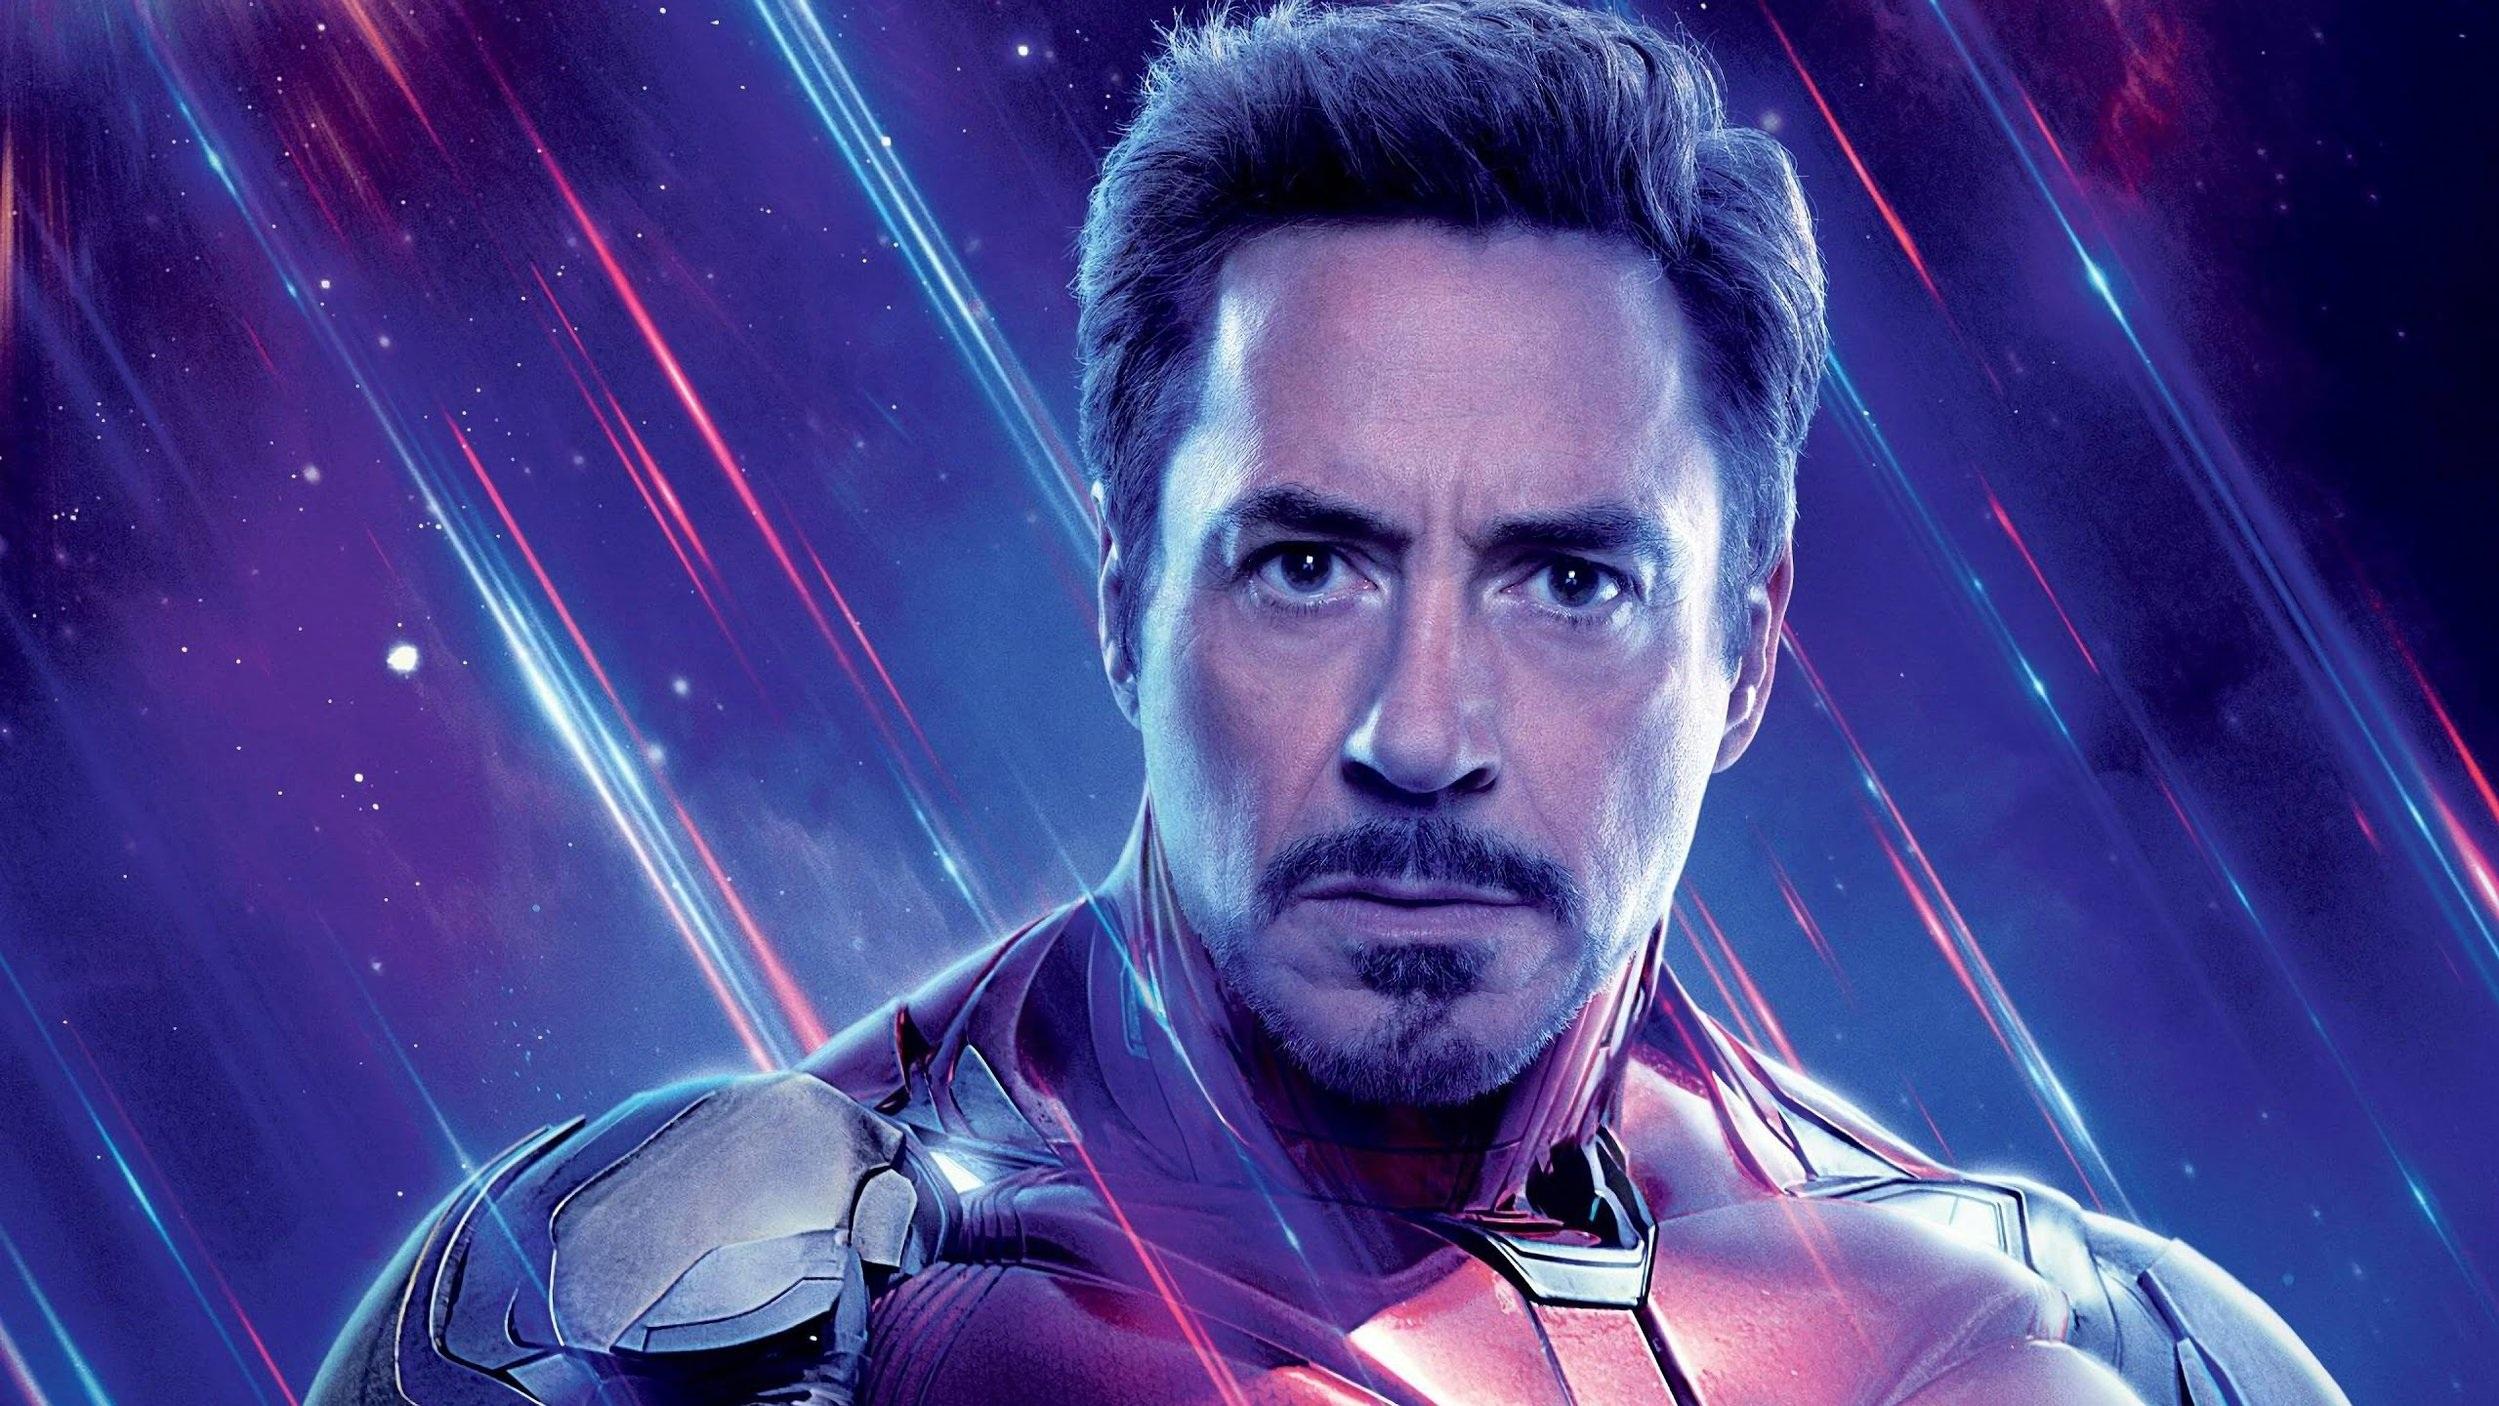 avengers-endgame-iron-man-tony-stark-uhdpaper.com-4K-82.jpg